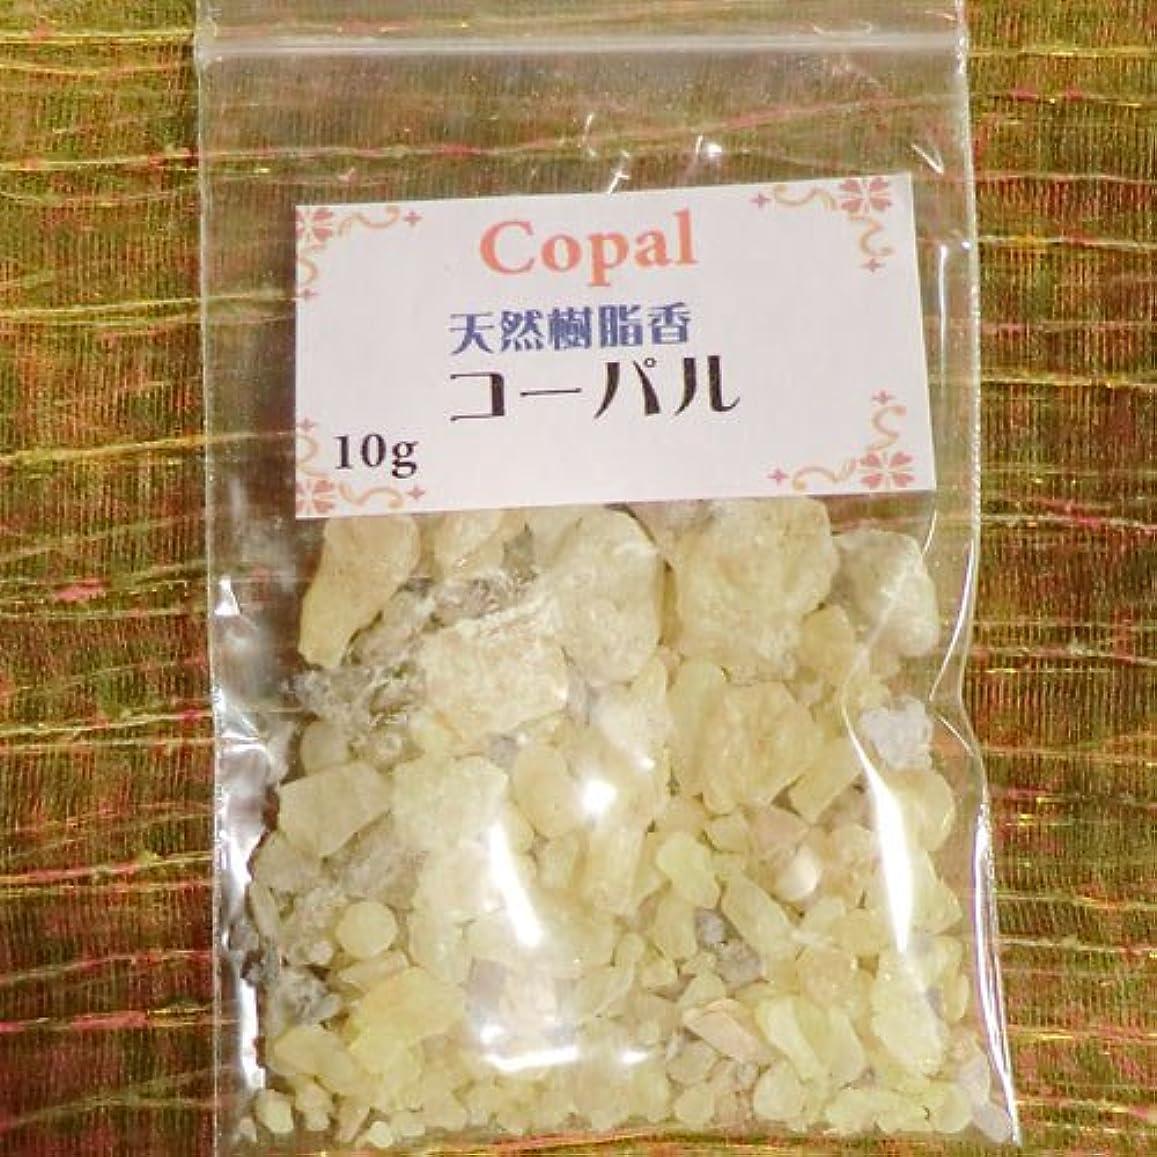 に関して強風血色の良いコーパル COPAL (天然樹脂香) (コーパル, 10g)